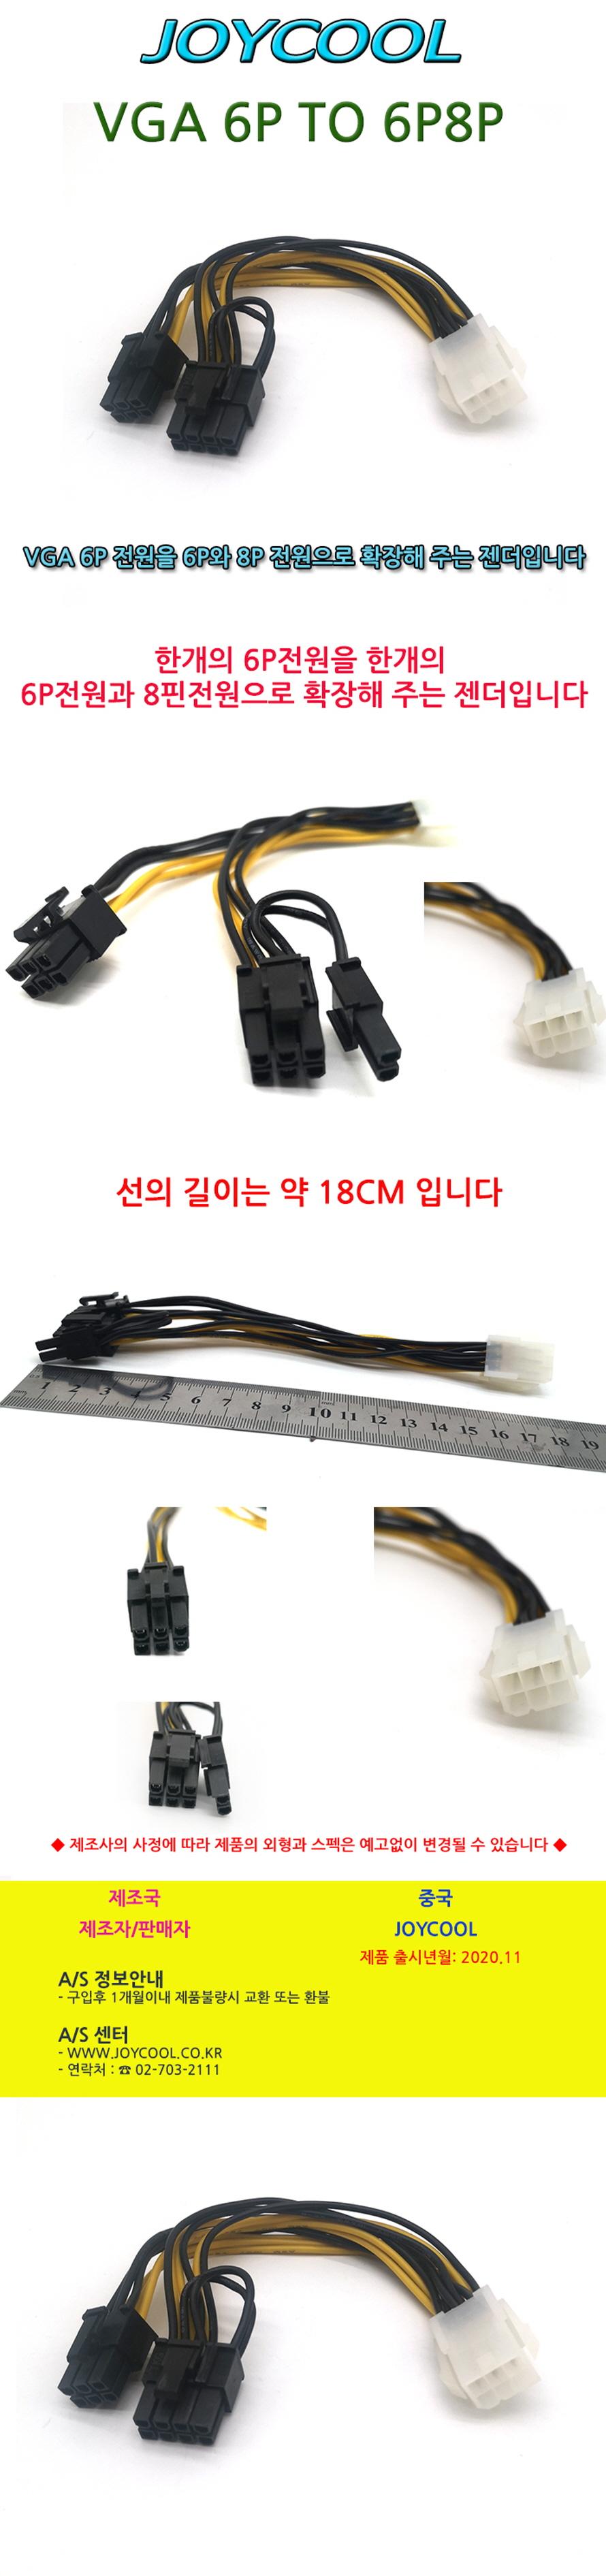 조이쿨 조이쿨 VGA 6P TO 6P8P 변환 케이블 (0.15m)